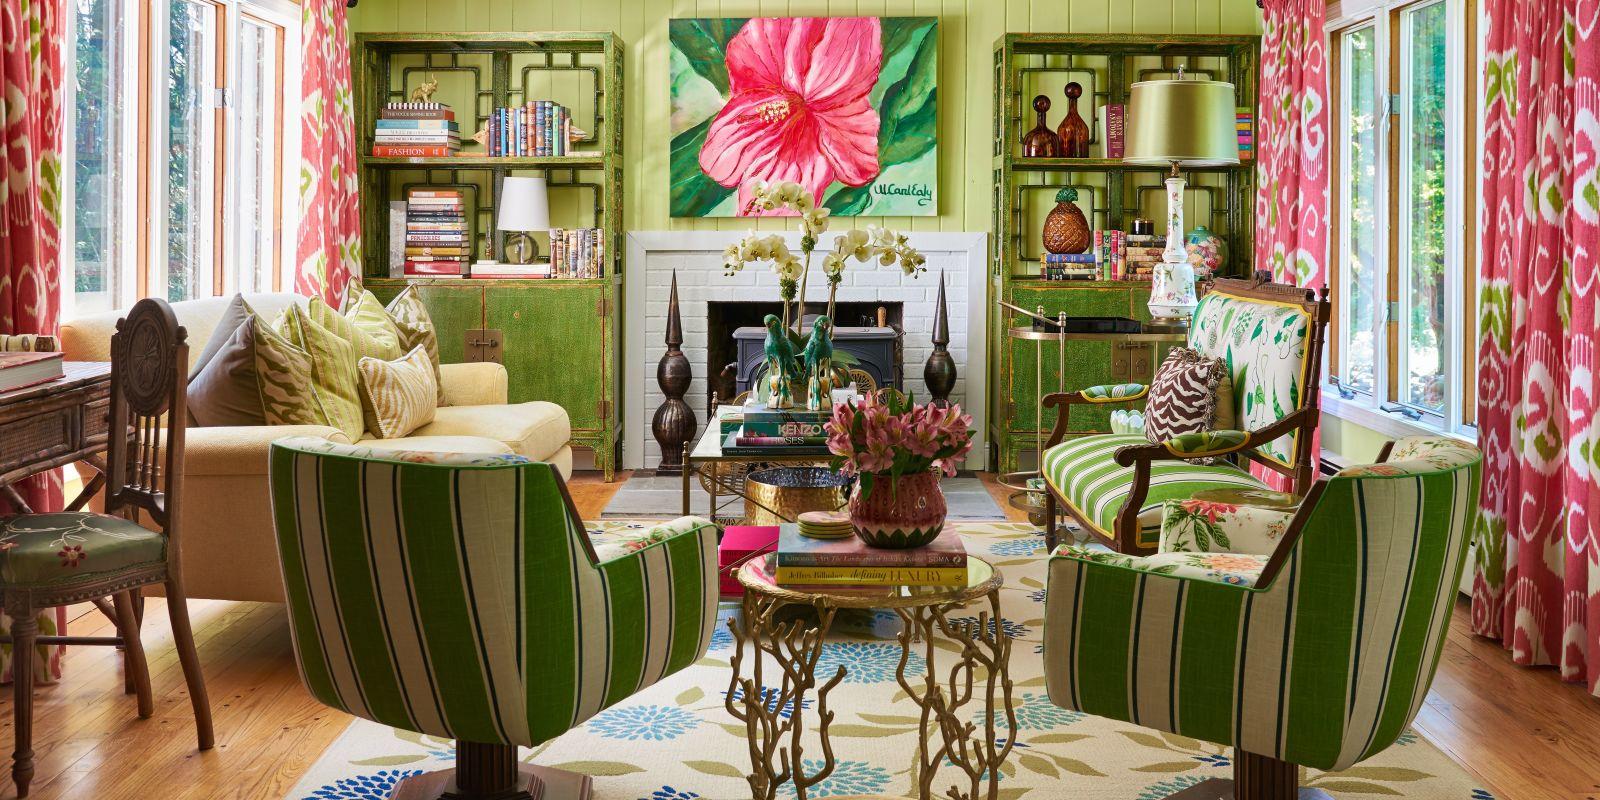 Christian Siriano Home Tour - Inside Designer Christian ...